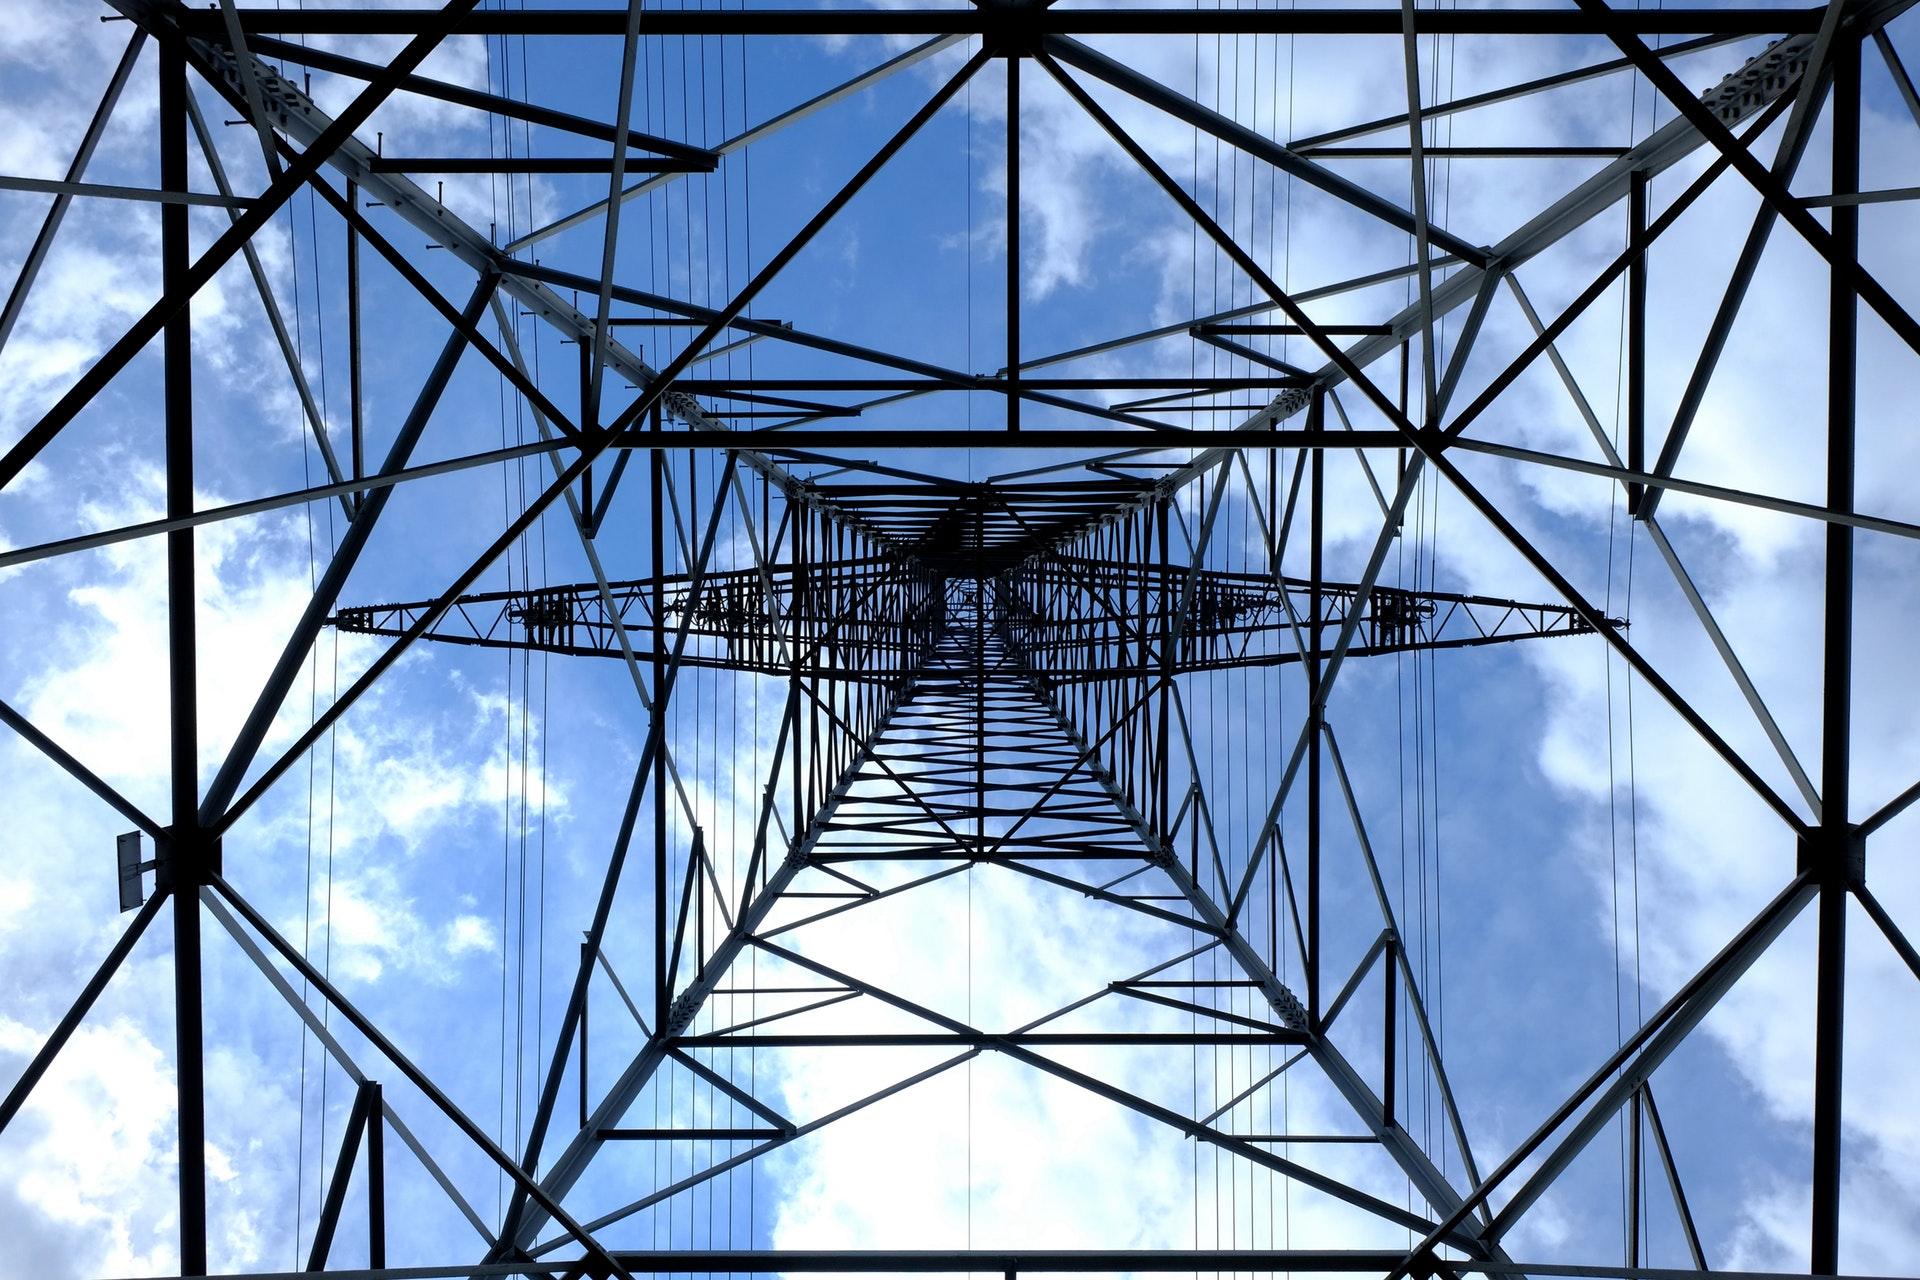 energie vergelijken providers